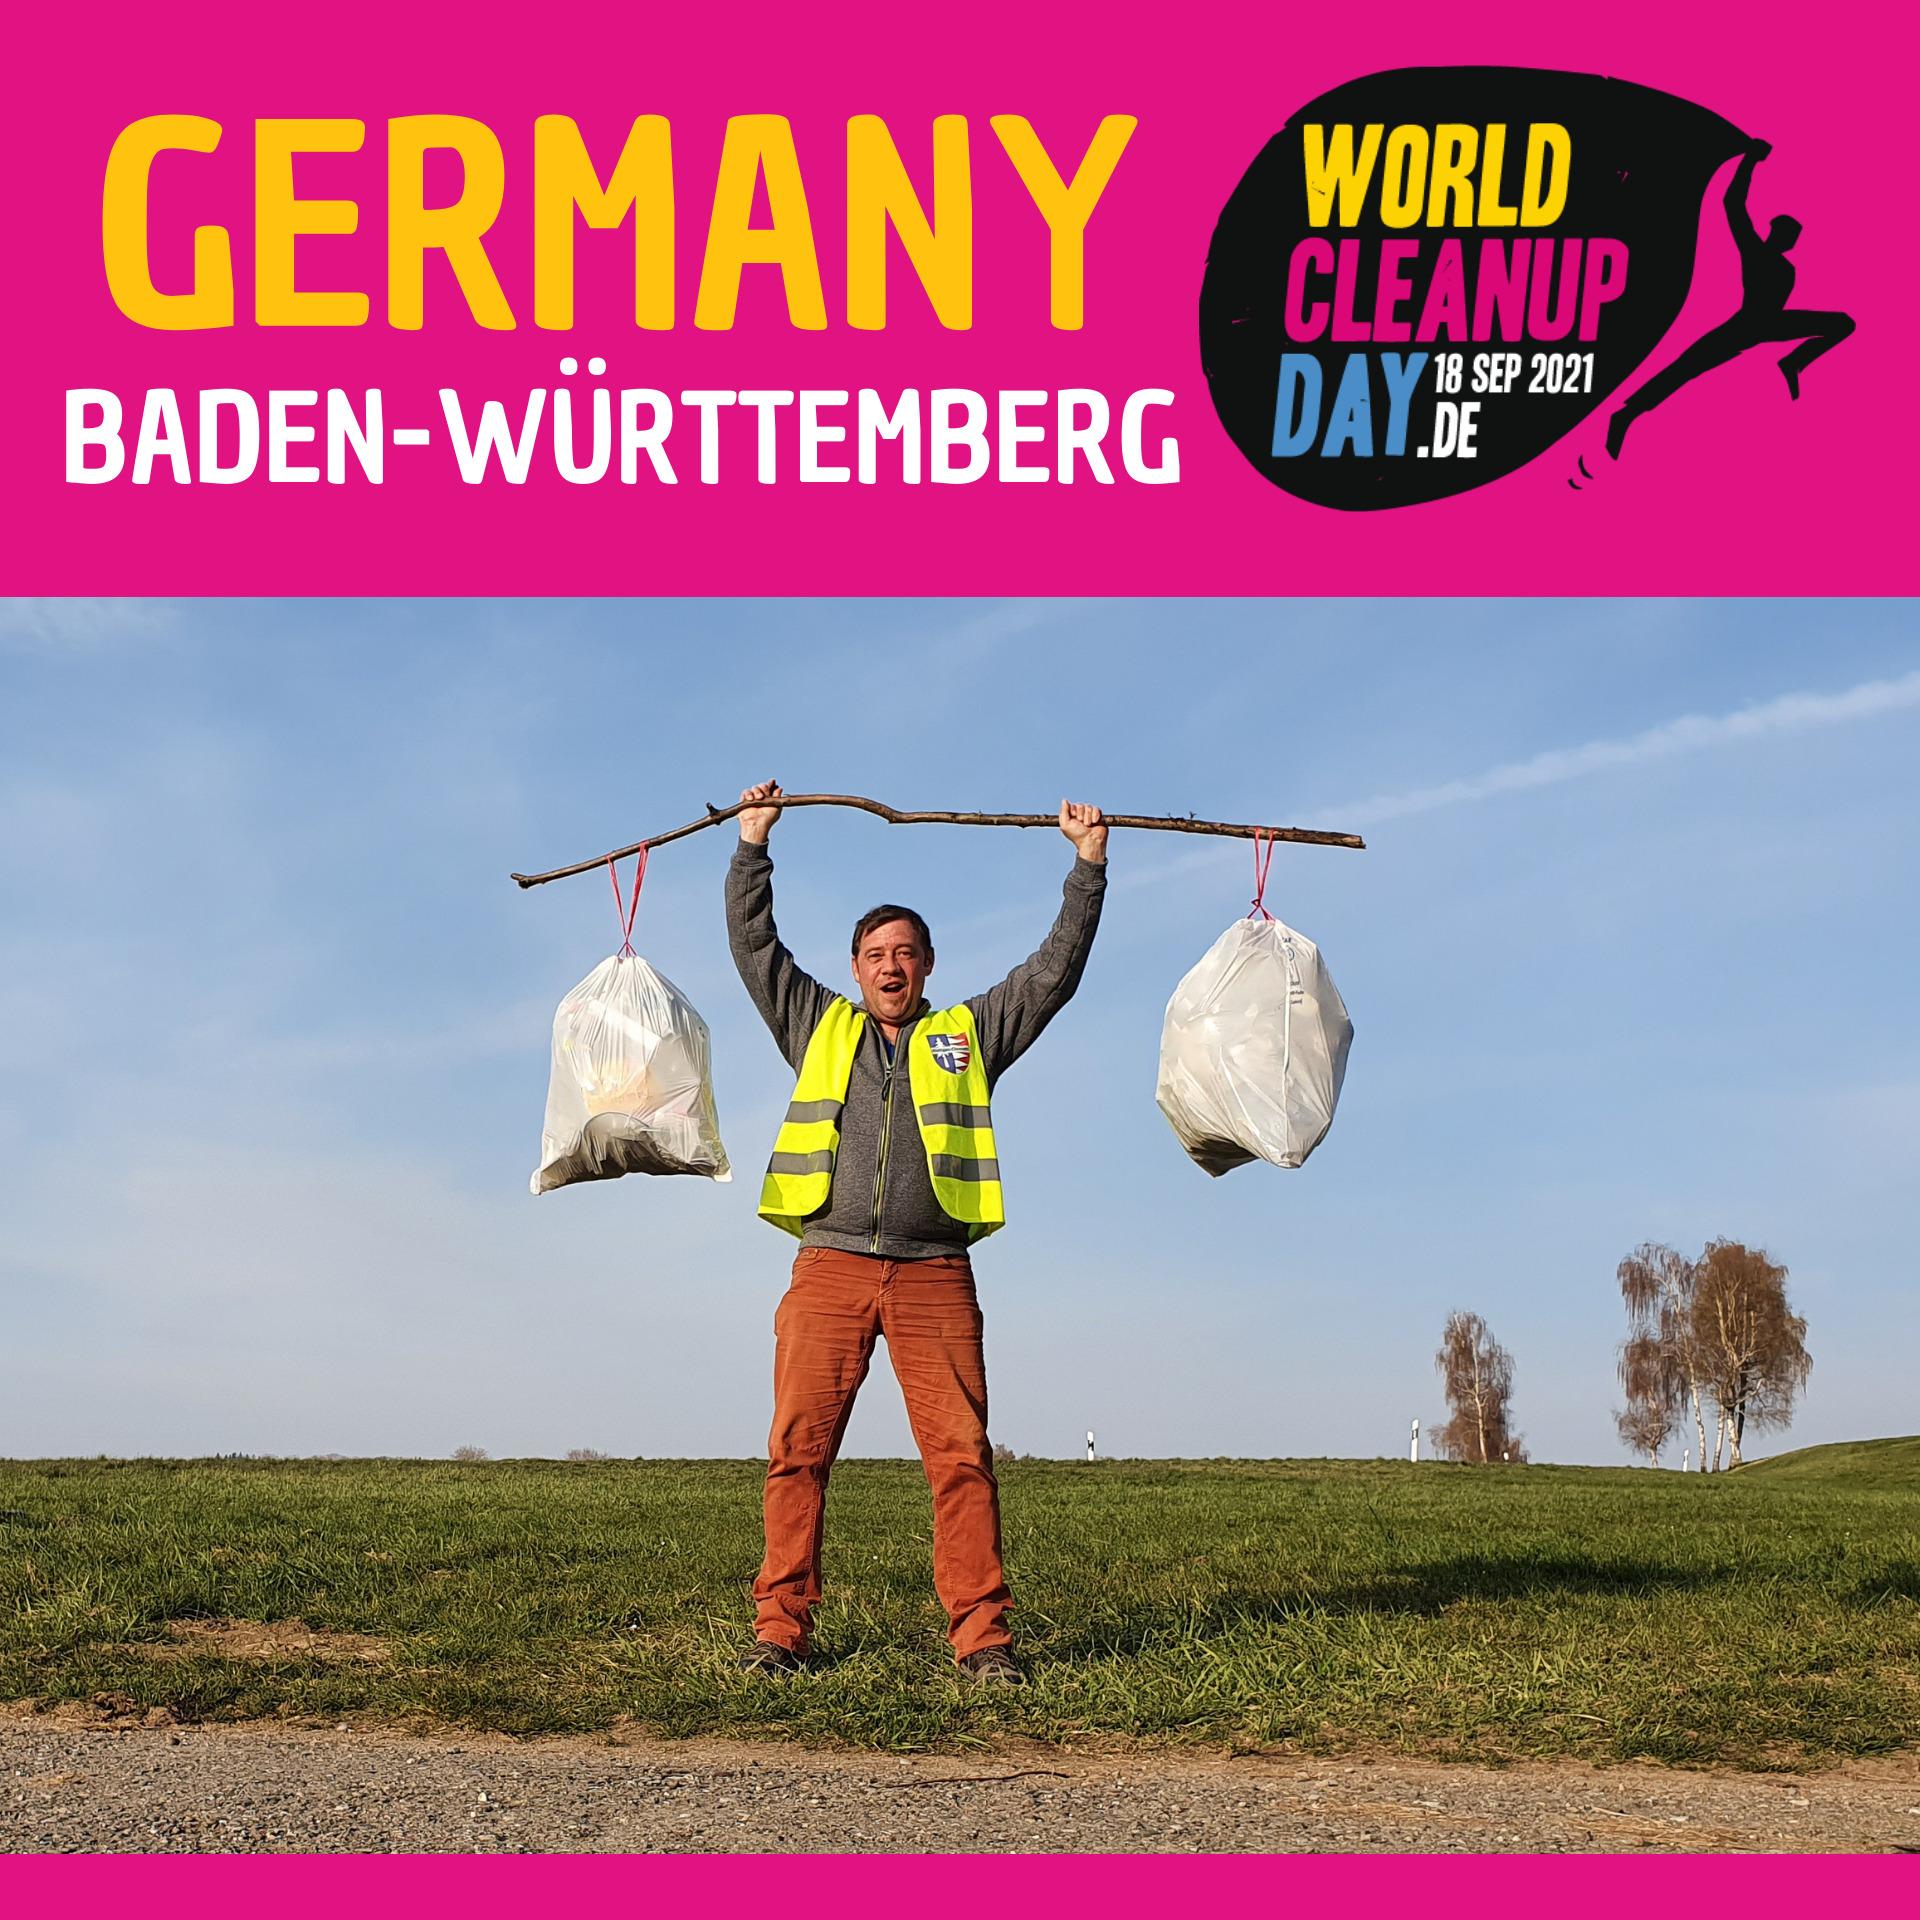 World Cleanup Day Reichenau (Baden-Württemberg)